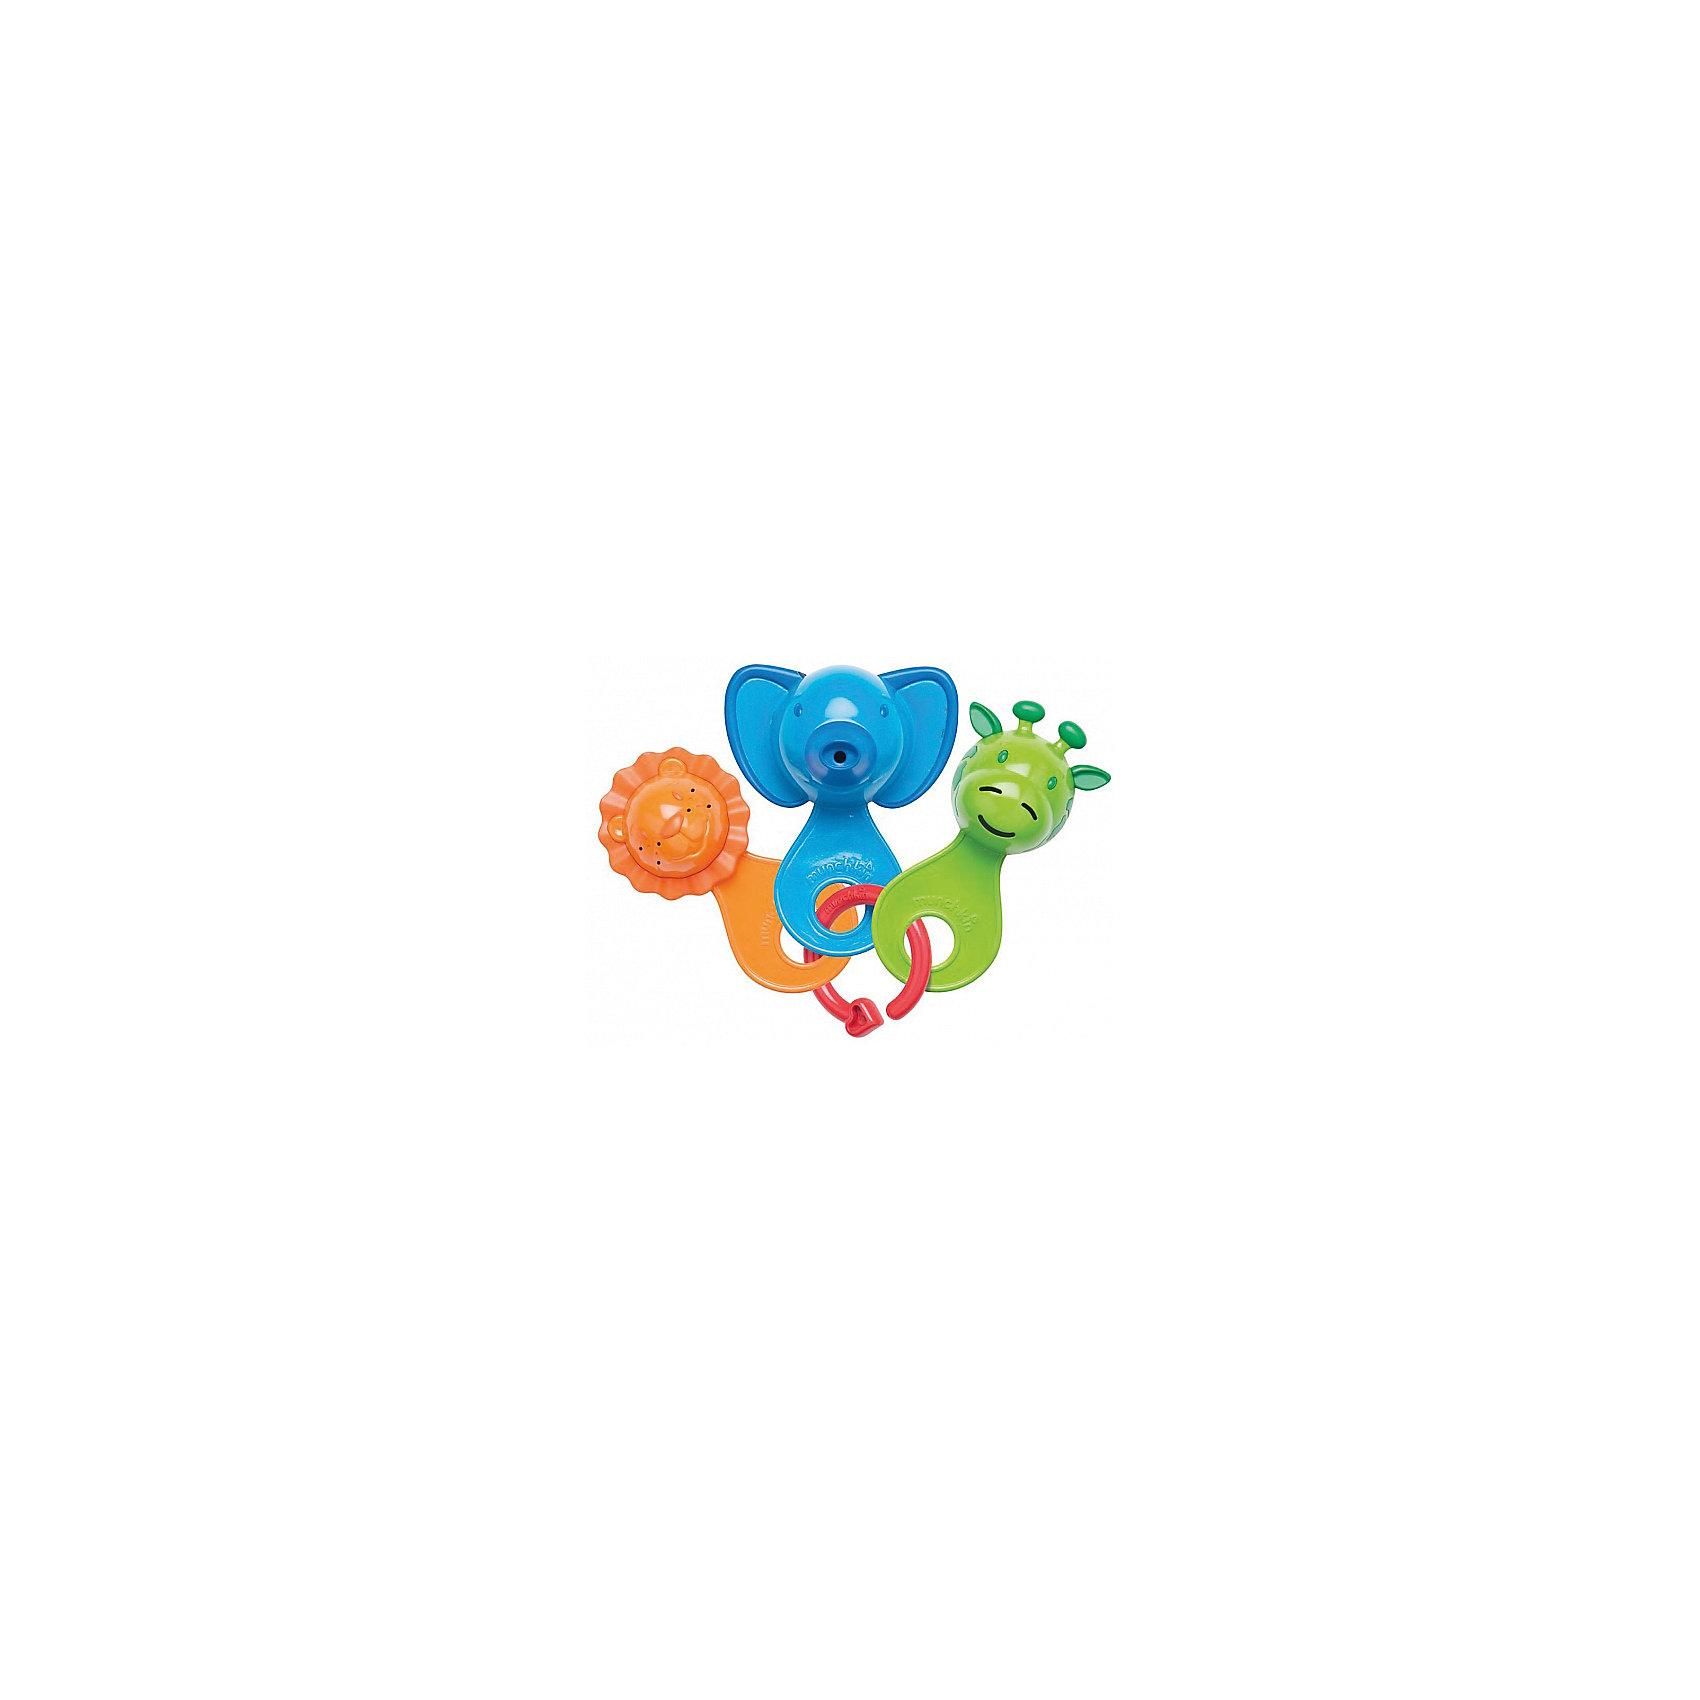 Игрушка для ванны Весёлые ситечки 6+, MunchkinИгрушки для ванны<br>Игрушка для ванны Весёлые ситечки 6+, Munchkin (Манчкин) - непременно понравится вашему малышу и превратит купание в веселую игру!<br>Набор разноцветных игрушек-ситечек развлечет ребенка во время купания и познакомит с окружающим его миром. Ребенок с удовольствием будет зачерпывать и просеивать водичку, наблюдая, как она вытекает из разноцветных мордочек разных размеров и форм. Каждое ситечко имеет уникальный рисунок и мягкие края для удобства хватания. Развивает мелкую моторику рук. Миссия Munchkin (Манчкин), американской компании с 20-летней историей: избавить мир от надоевших и прозаических товаров, искать умные инновационные решения, которые превращает обыденные задачи в опыт, приносящий удовольствие. Понимая, что наибольшее значение в быту имеют именно мелочи, компания создает уникальные товары, которые помогают поддерживать порядок, организовывать пространство, облегчают уход за детьми – недаром компания имеет уже более 140 патентов и изобретений, используемых в создании ее неповторимой и оригинальной продукции. Munchkin (Манчкин) делает жизнь родителей легче!<br><br>Дополнительная информация:<br><br>- Для детей с 6 месяцев<br>- В наборе: три разноцветных ситечек-животных, соединенных на пластиковое кольцо<br>- Материал: пластмасса<br>- Длина ситечек: 11 см.<br>- Размер упаковки: 20х18х6 см.<br>- Вес: 100 гр.<br><br>Игрушку для ванны Весёлые ситечки 6+, Munchkin (Манчкин) можно купить в нашем интернет-магазине.<br><br>Ширина мм: 200<br>Глубина мм: 180<br>Высота мм: 60<br>Вес г: 100<br>Возраст от месяцев: 6<br>Возраст до месяцев: 36<br>Пол: Унисекс<br>Возраст: Детский<br>SKU: 4701927